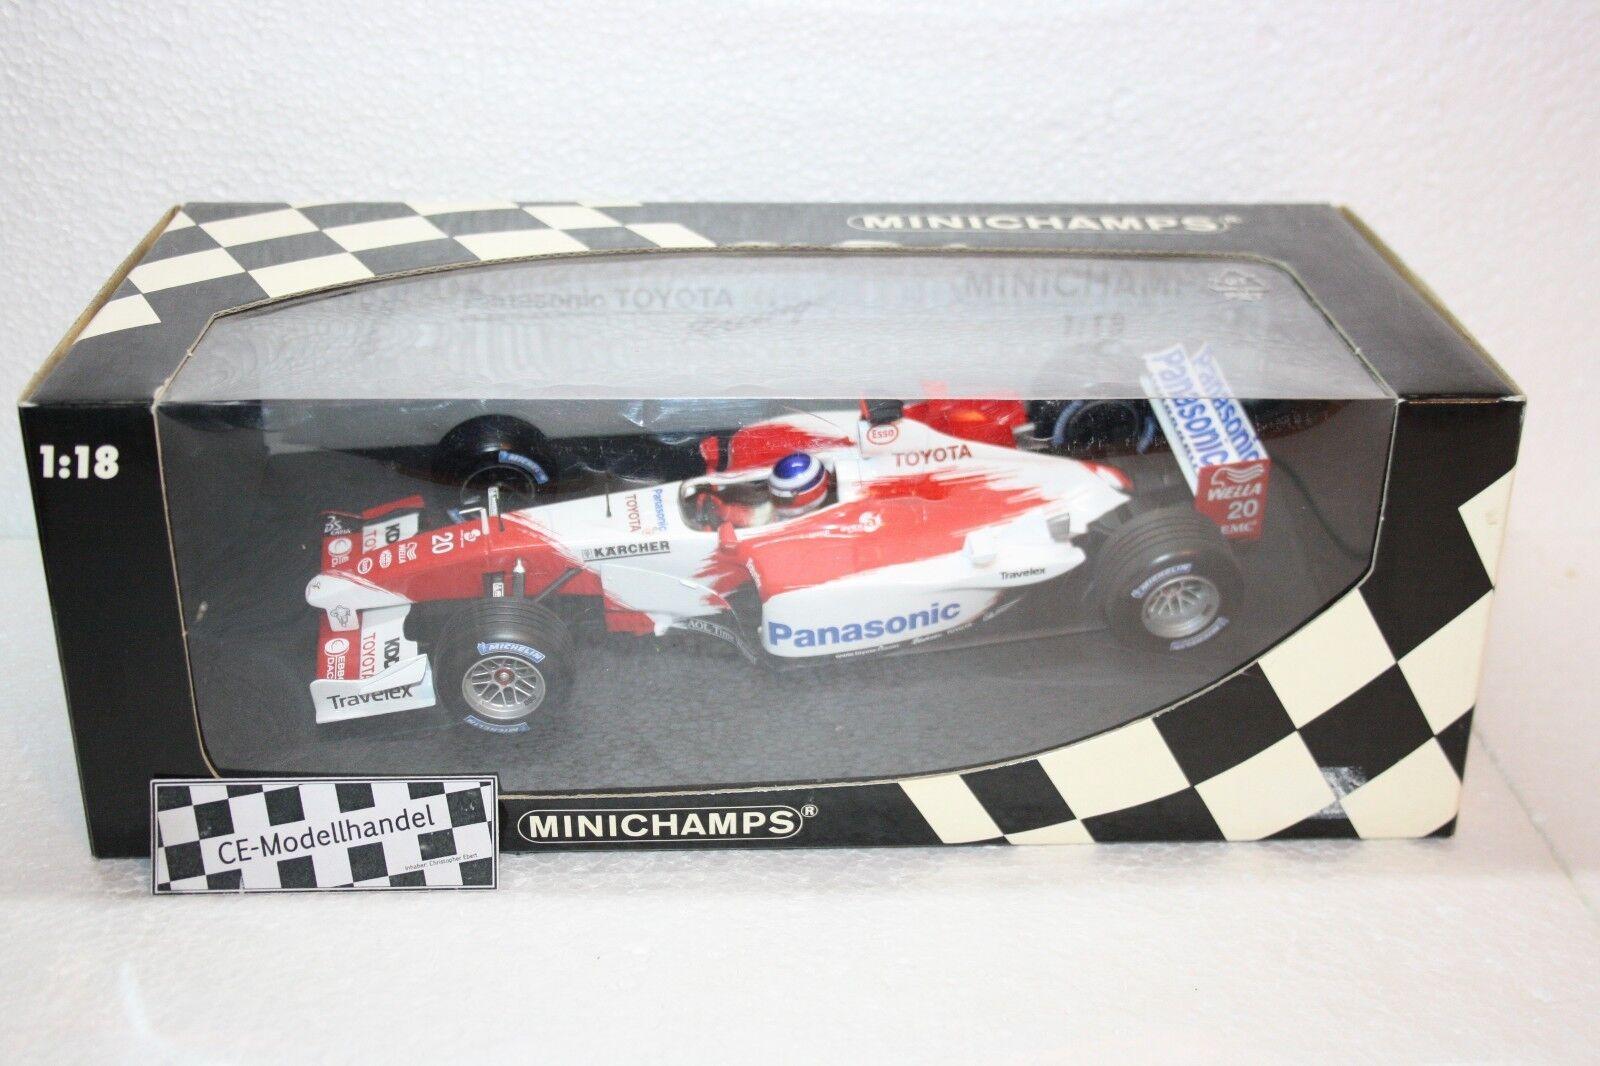 Panasonic Toyota Racing tf103 # 20 O. Panis Minichamps Minichamps Minichamps   1:18 | Structurels élégantes  c9e60a